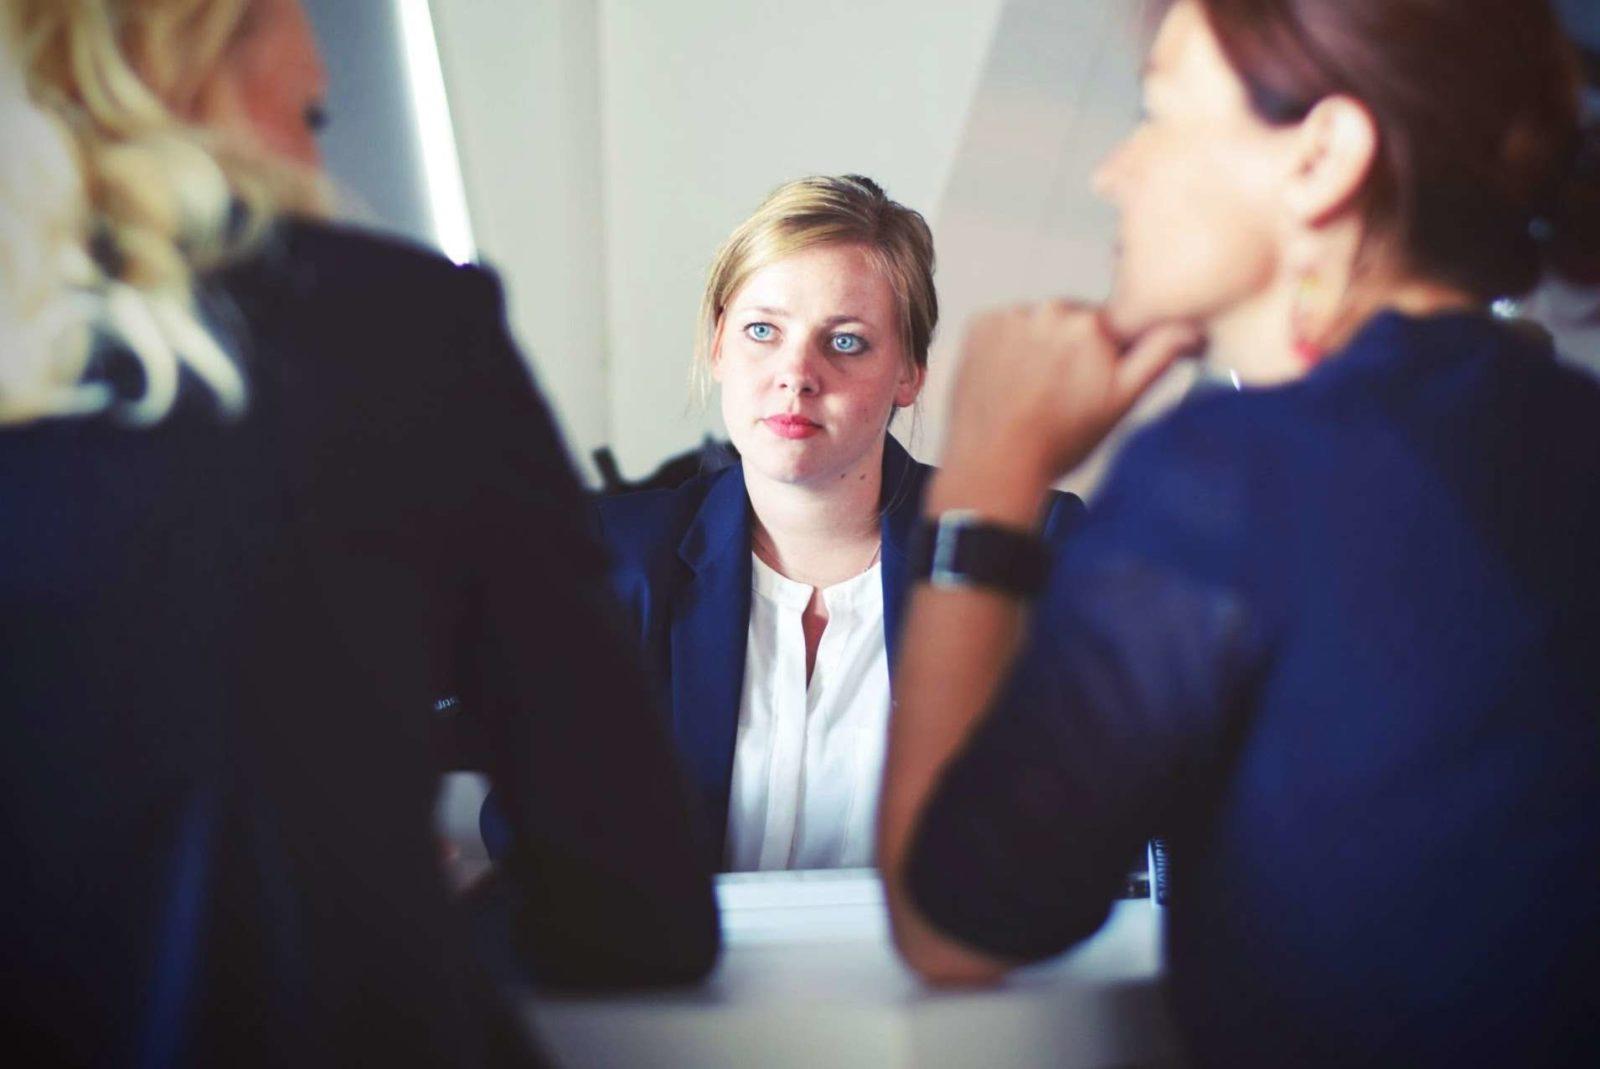 Eine Frau wird von zwei anderen Frauen beraten